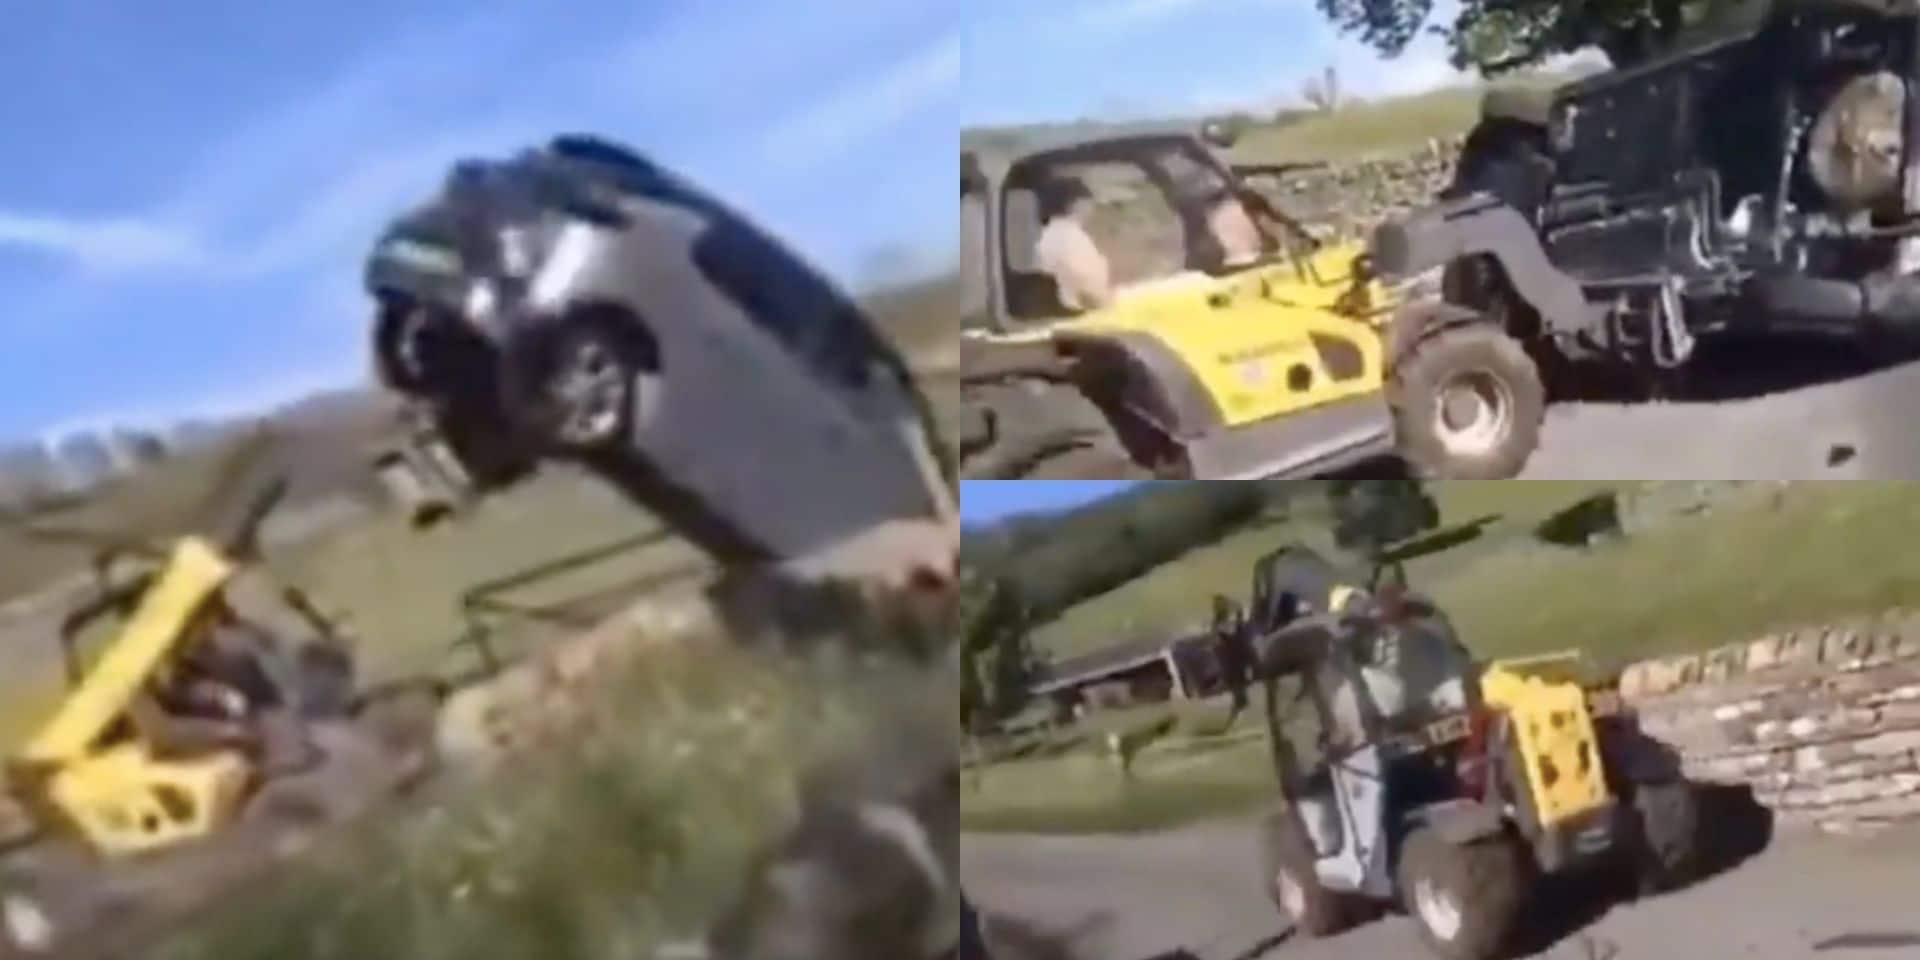 Un agriculteur s'emporte et utilise son tracteur pour déplacer une voiture mal garée, le conducteur touché par les fourches (VIDEO)